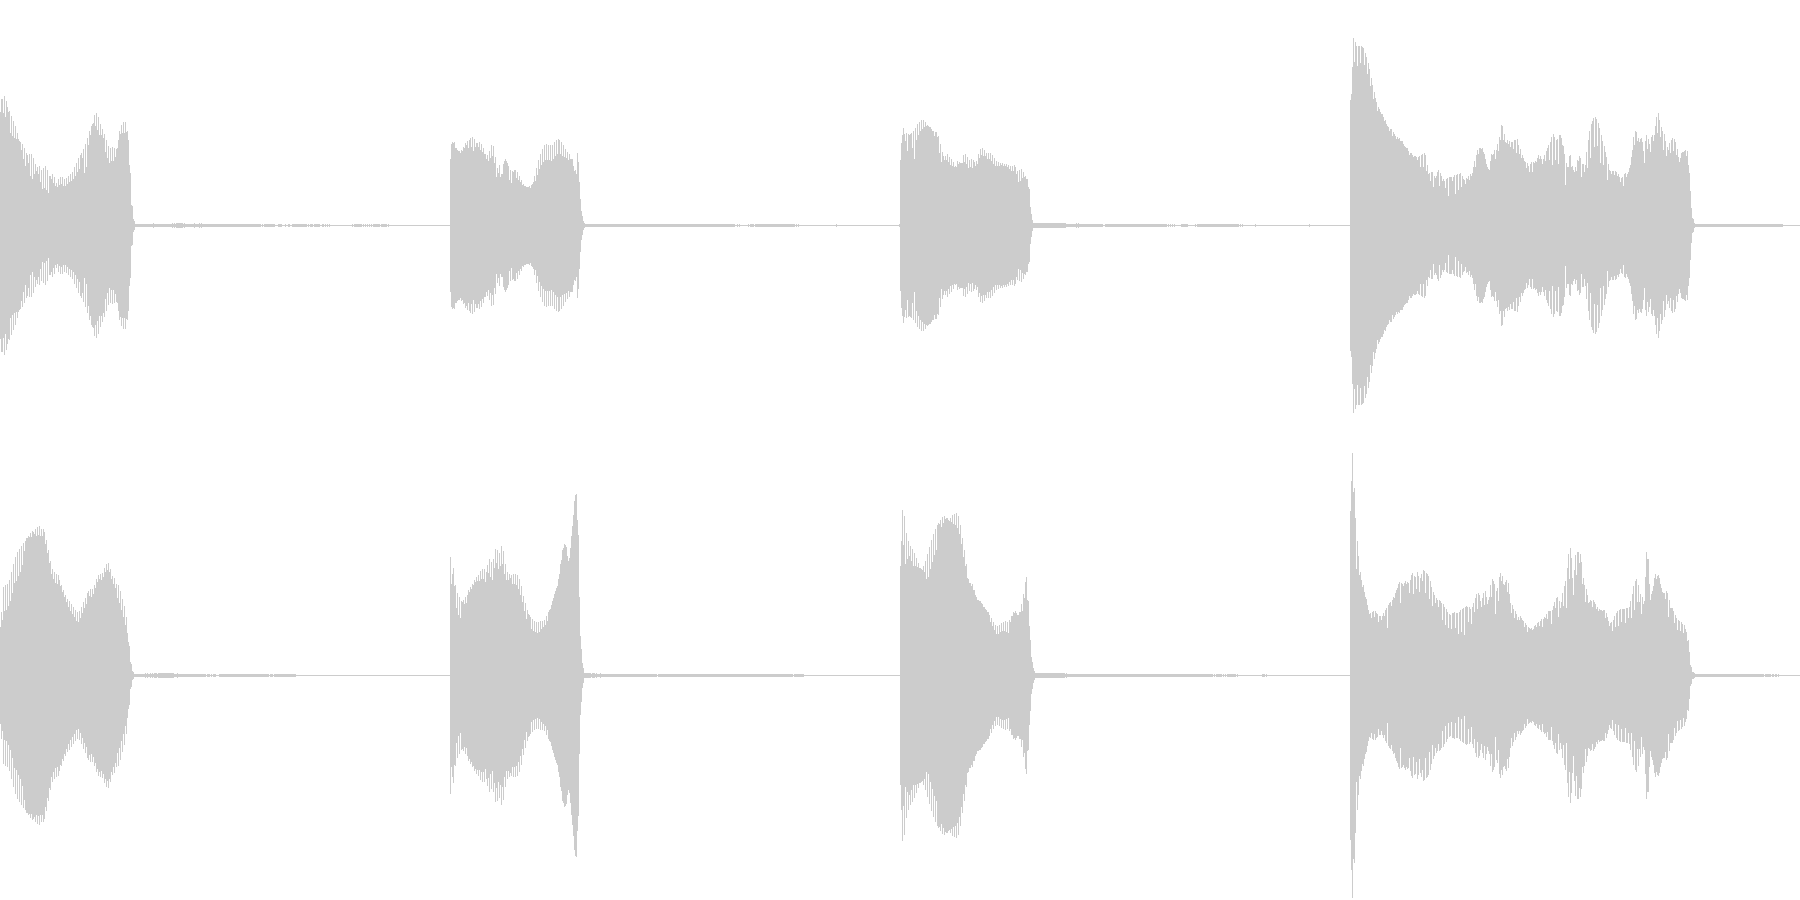 GP レースのスタートカウントダウン 2の未再生の波形